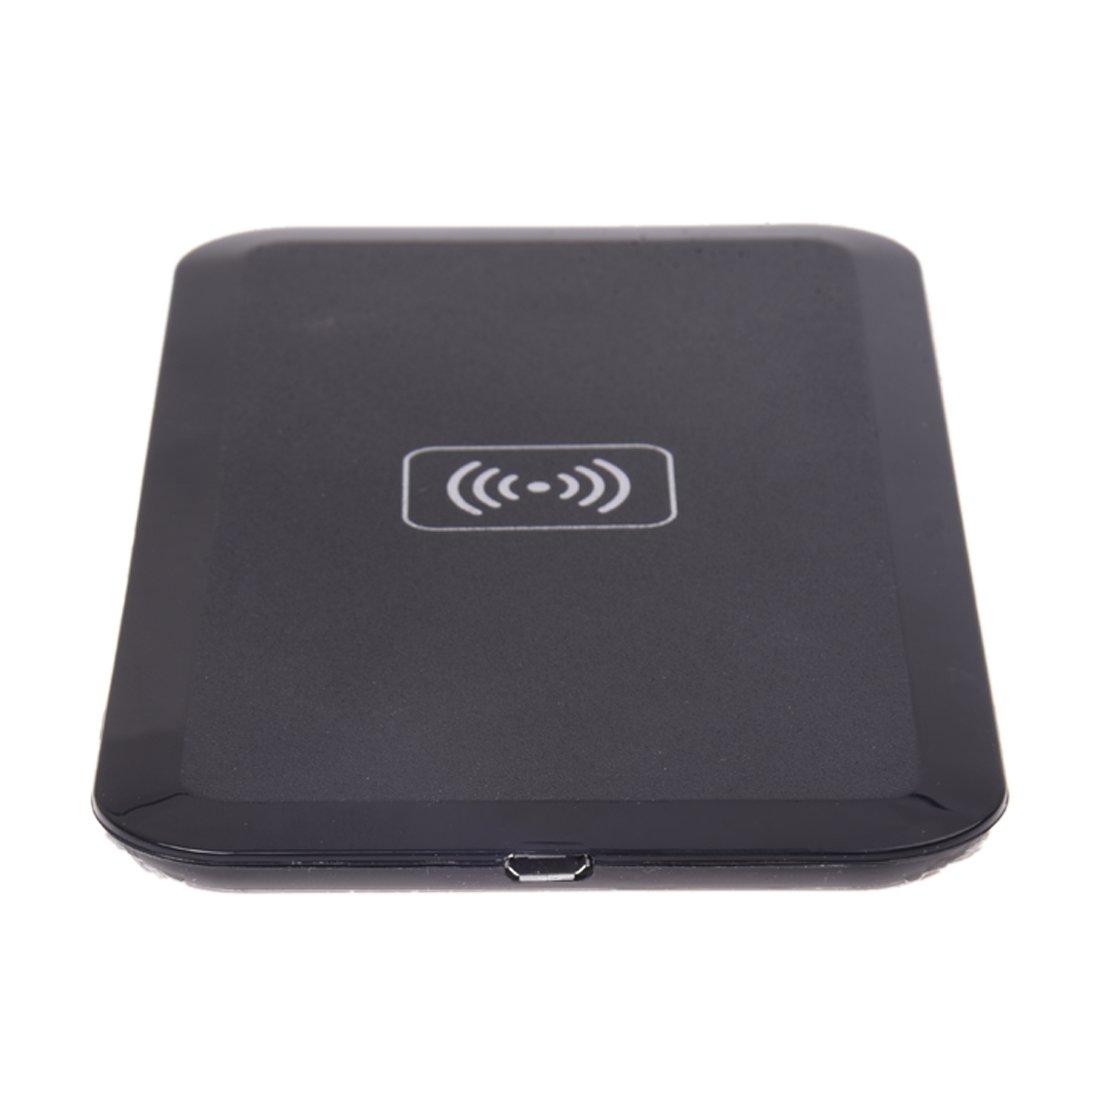 SODIAL (R)cargador Wireless Qi energia Cargador Pad para Samsung Galaxy S3 S4 Note3 Negro: Amazon.es: Electrónica